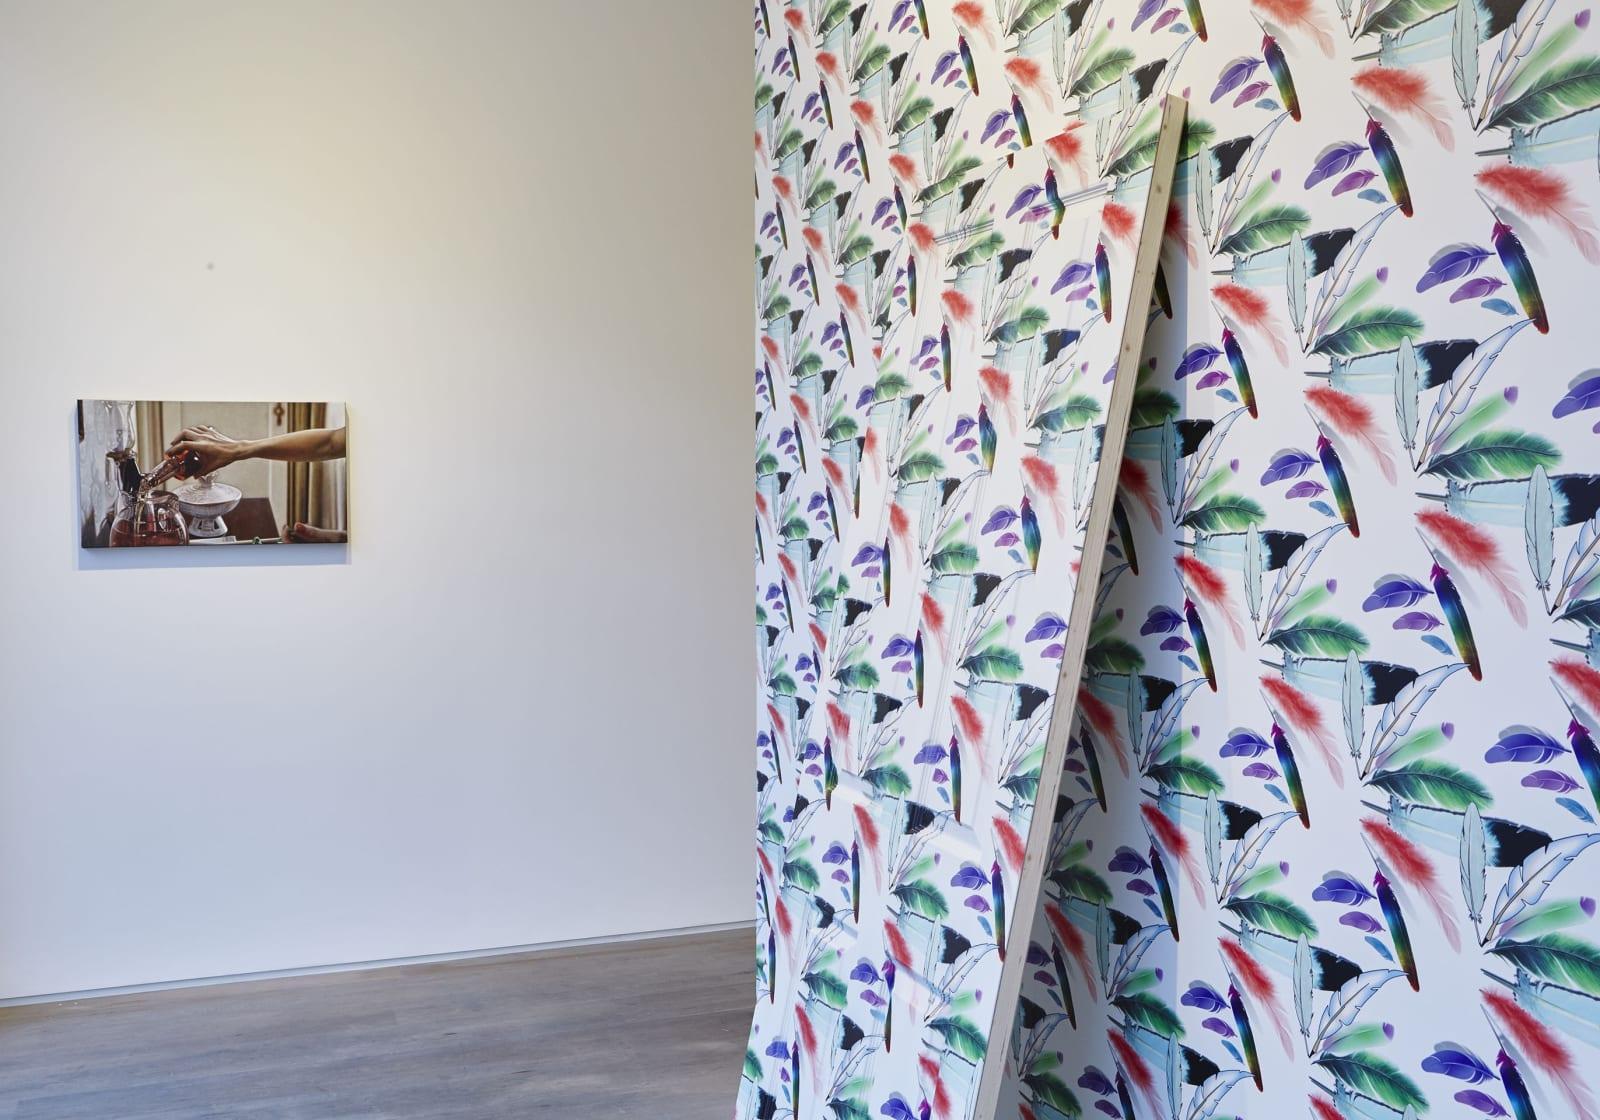 Sidsel Christensen | Andrew Leventis | Lisa Slominski